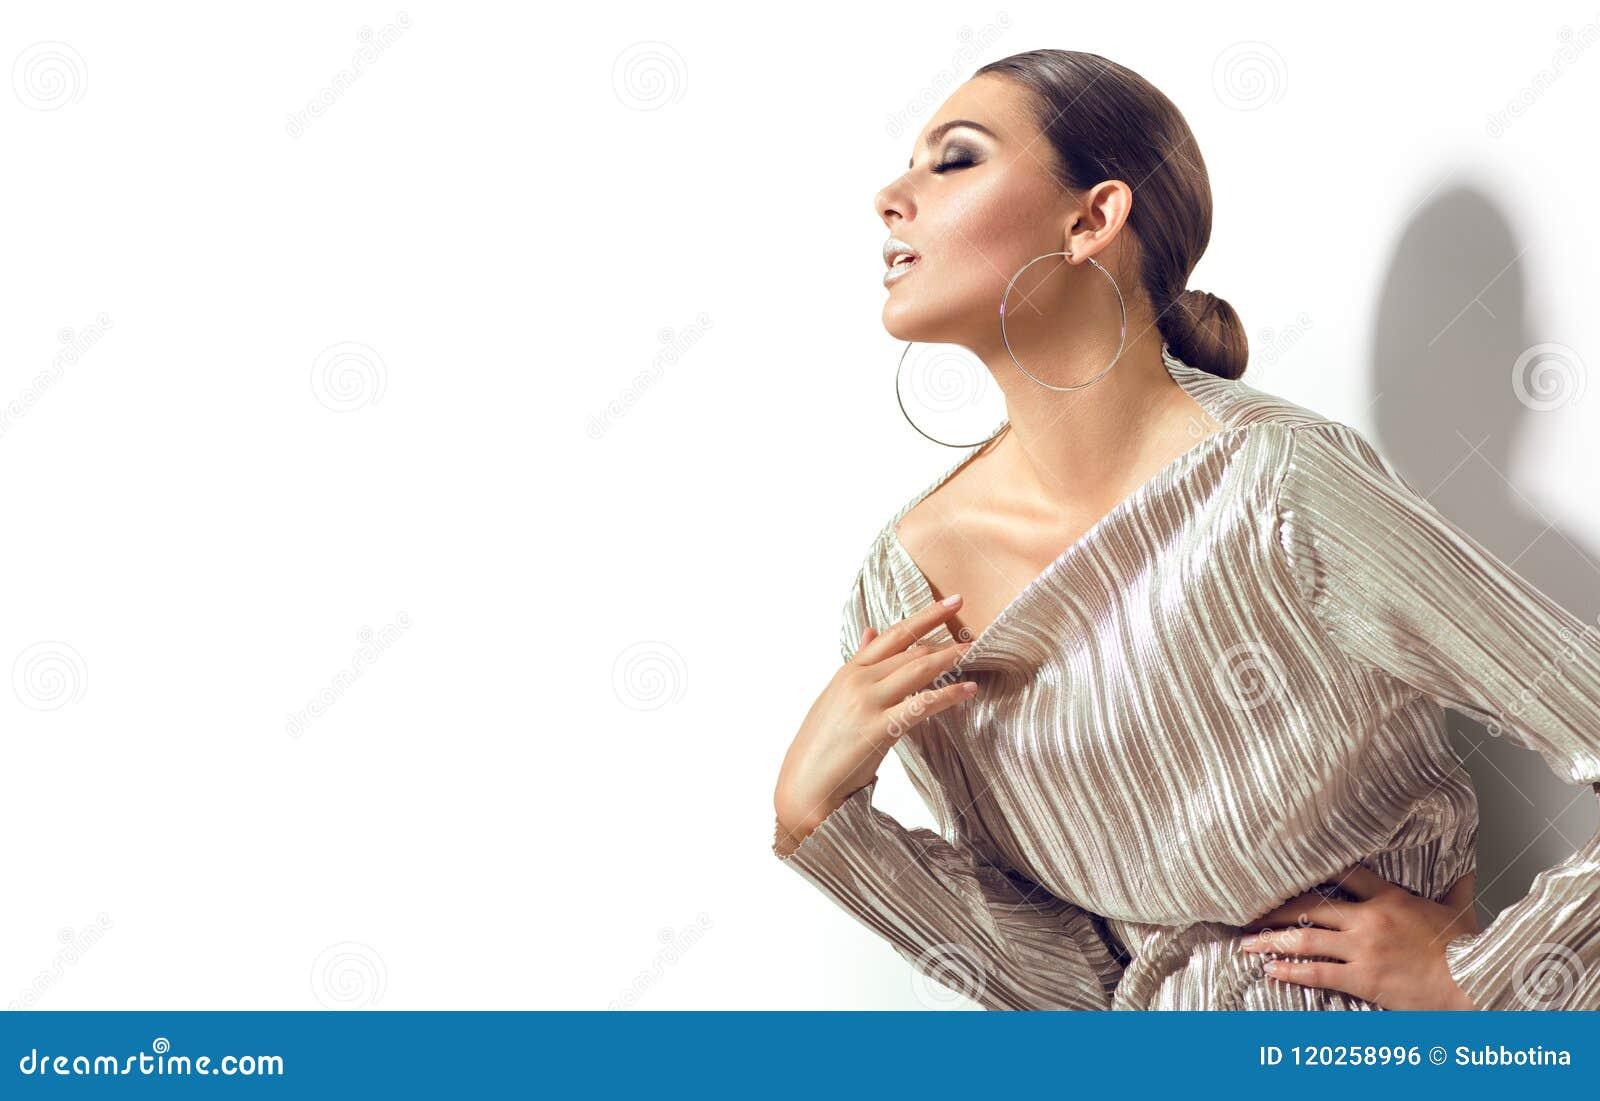 Forme a la muchacha modelo morena aislada en el fondo blanco Mujer atractiva de la belleza del encanto con maquillaje perfecto